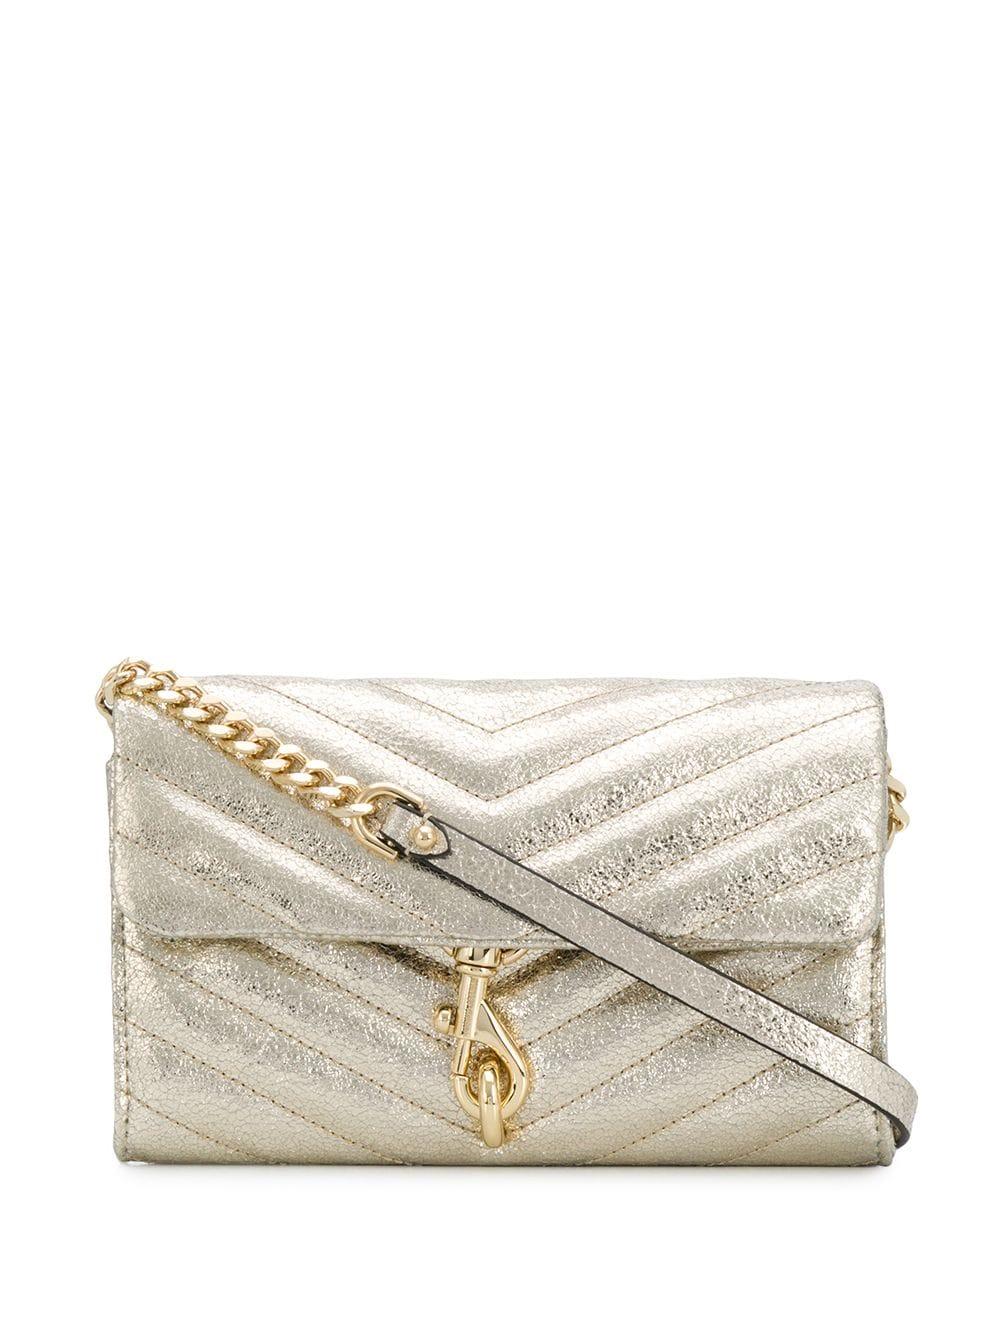 Edie Leather Wallet